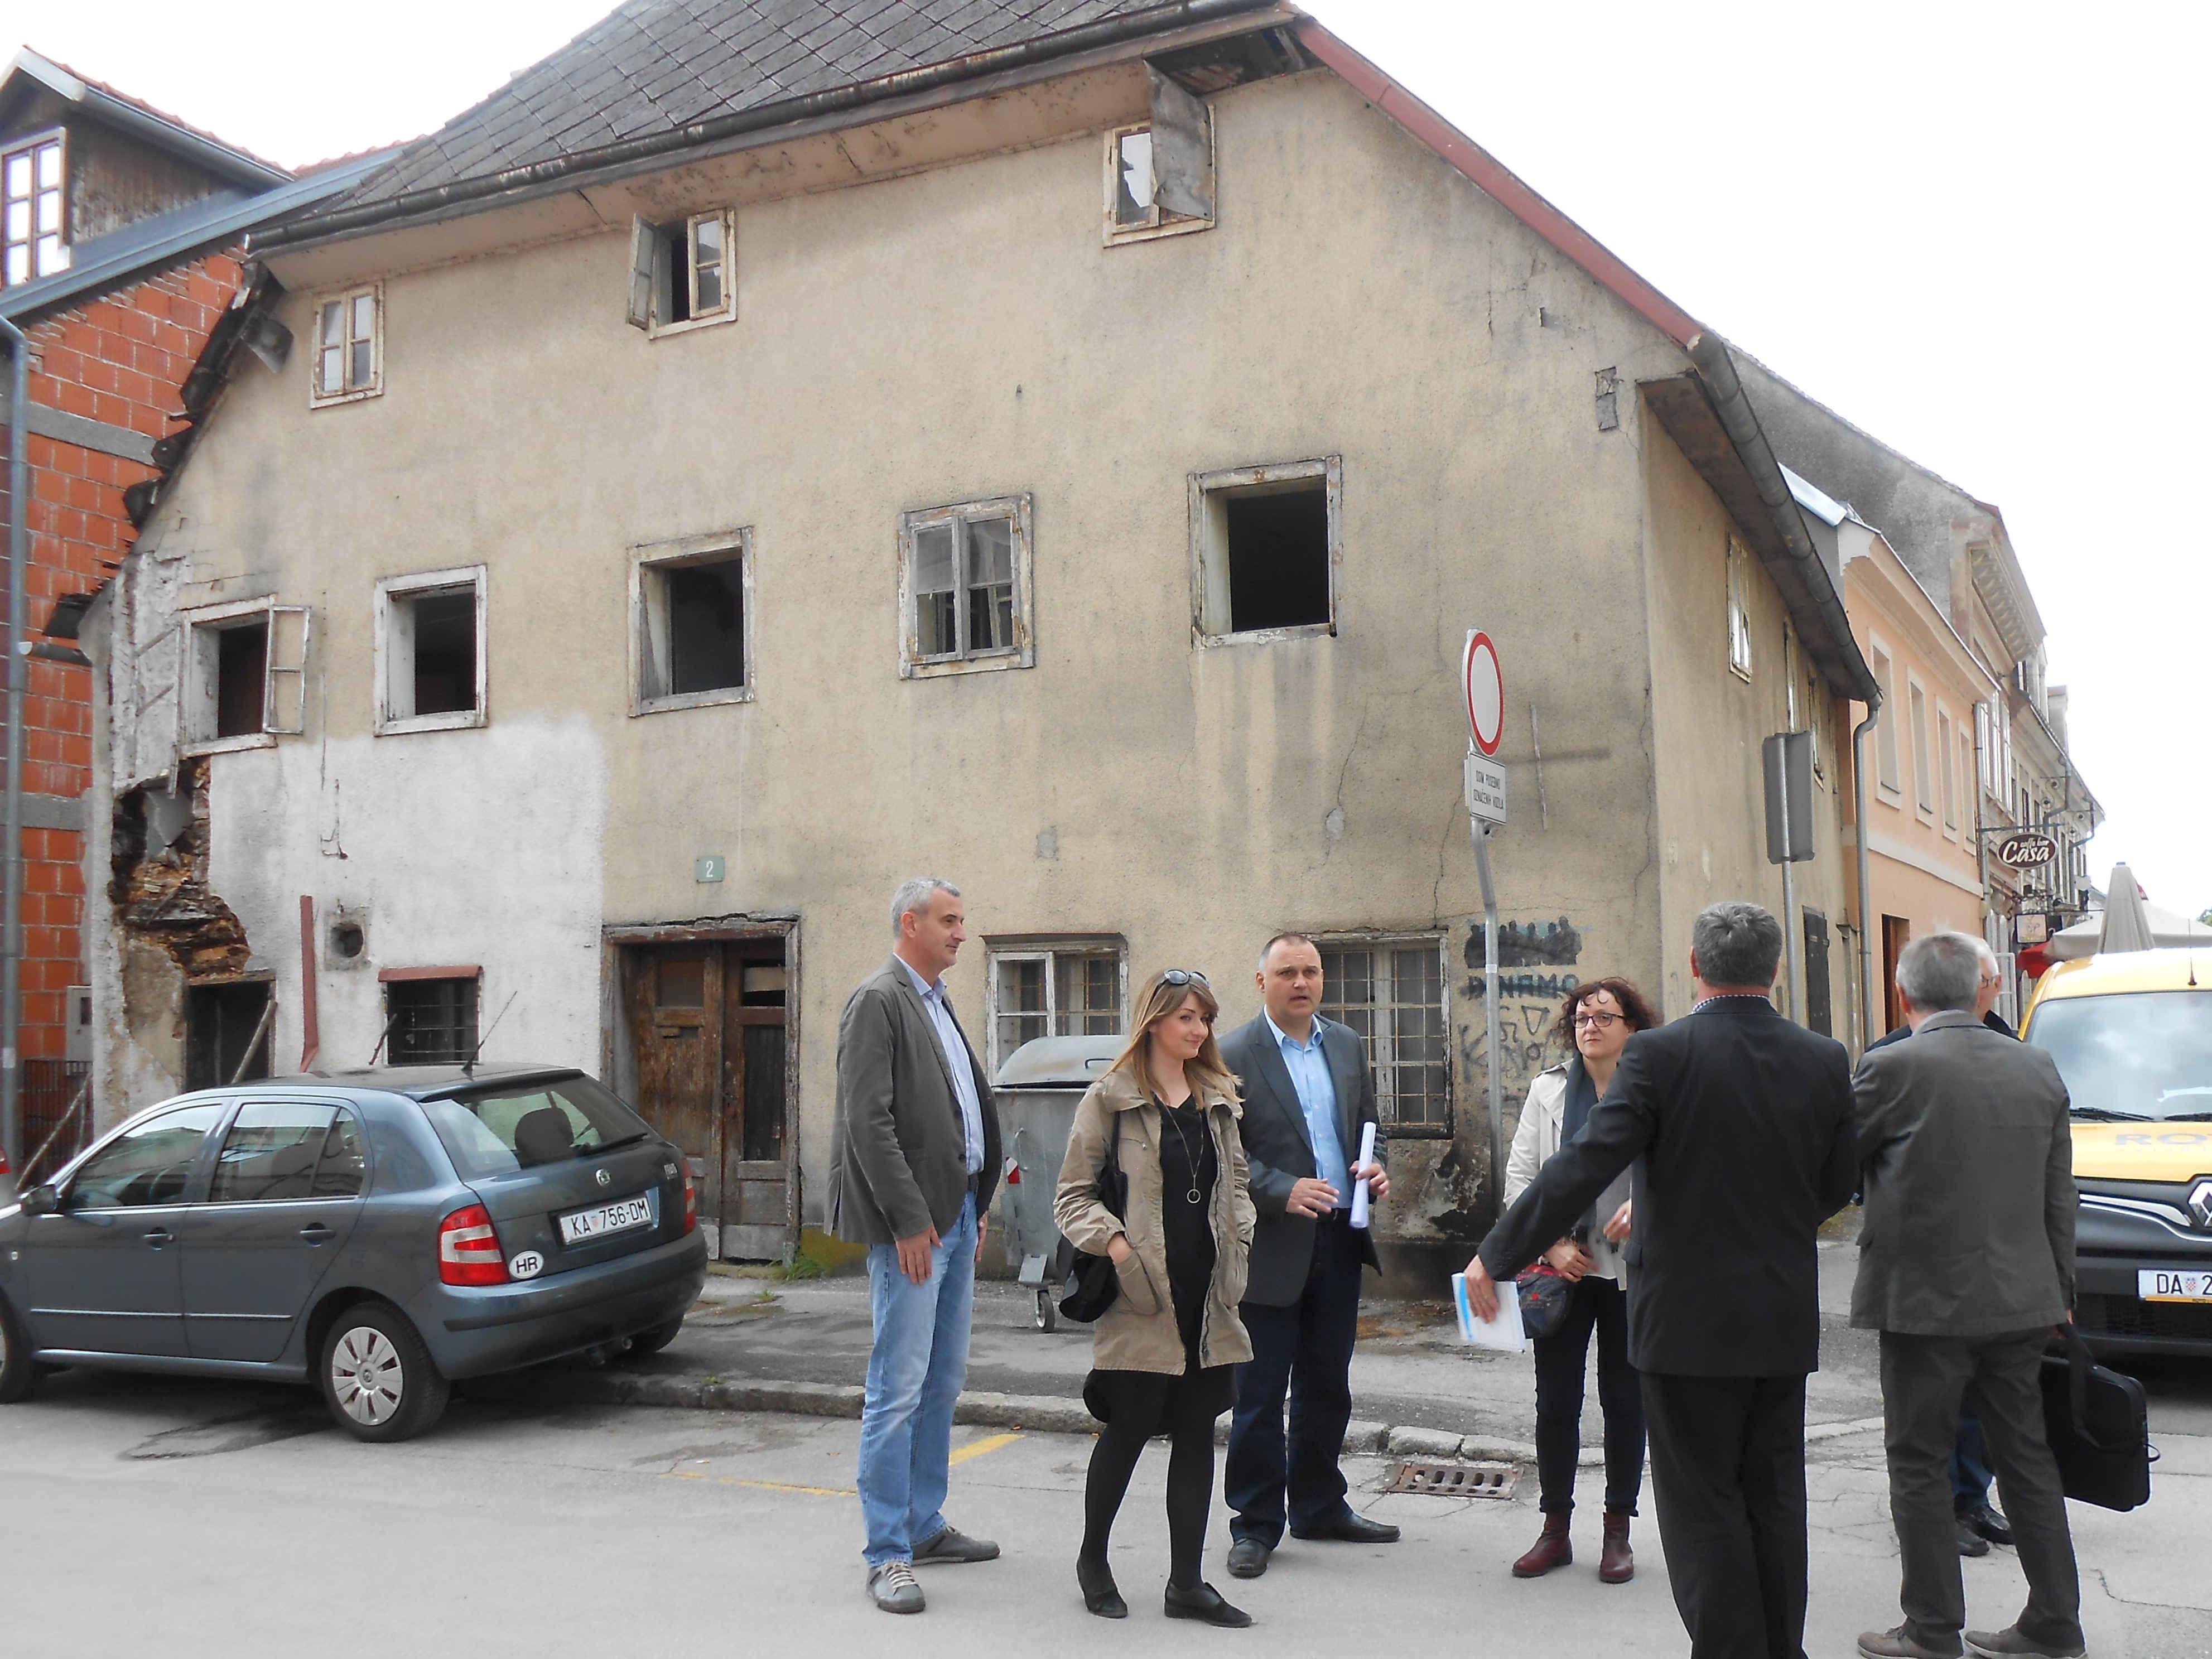 Kuća na adresi Šimunićeva 2, Karlovac. HDZ, Damir Mandić, Damir Jelić. Izvor: Kaportal